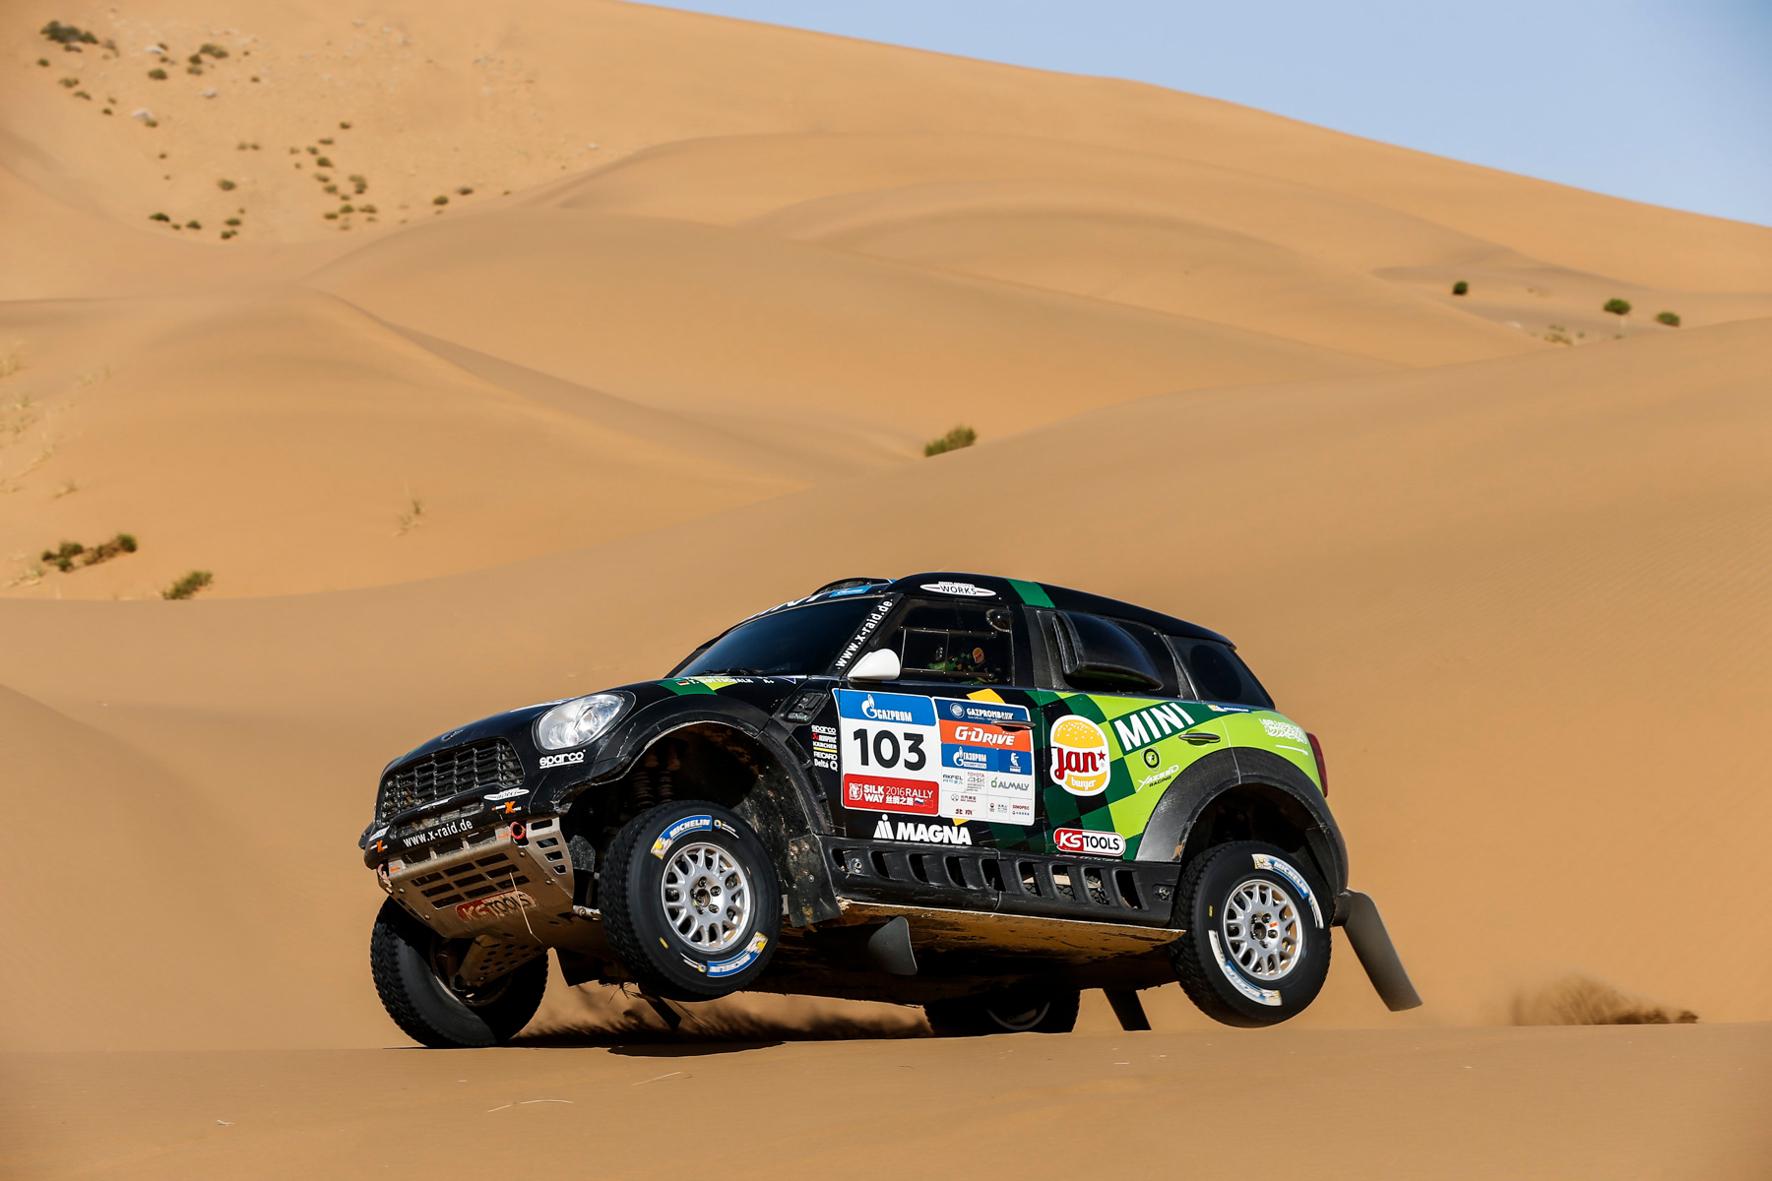 mid Groß-Gerau - Sand in Sicht: Der Saudi Yazeed Al-Rajhi und Beifahrer Timo Gottschalk fahren auf der letzten Etappe der Silk Way Rally im Mini ALL4 Racing zum Tagessieg.